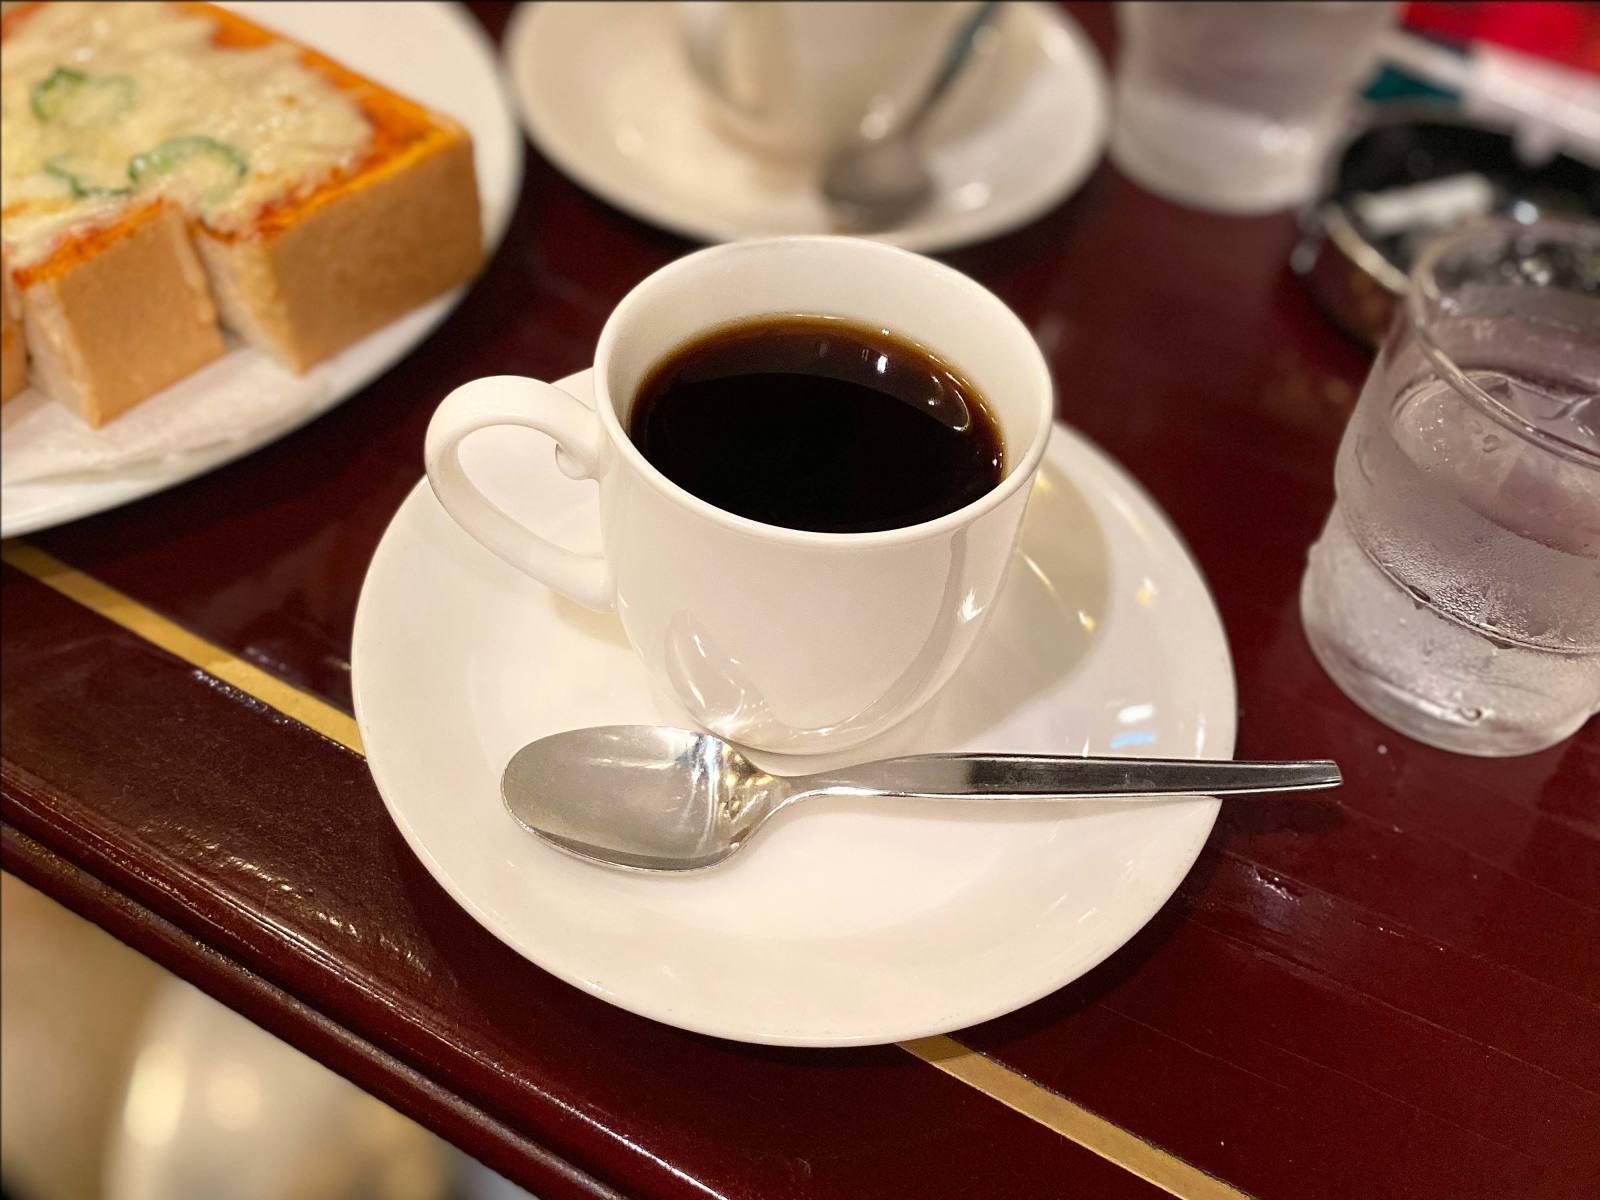 昭和にタイムスリップな純喫茶「ローヤル」@東京交通会館・有楽町_b0054329_09053714.jpg